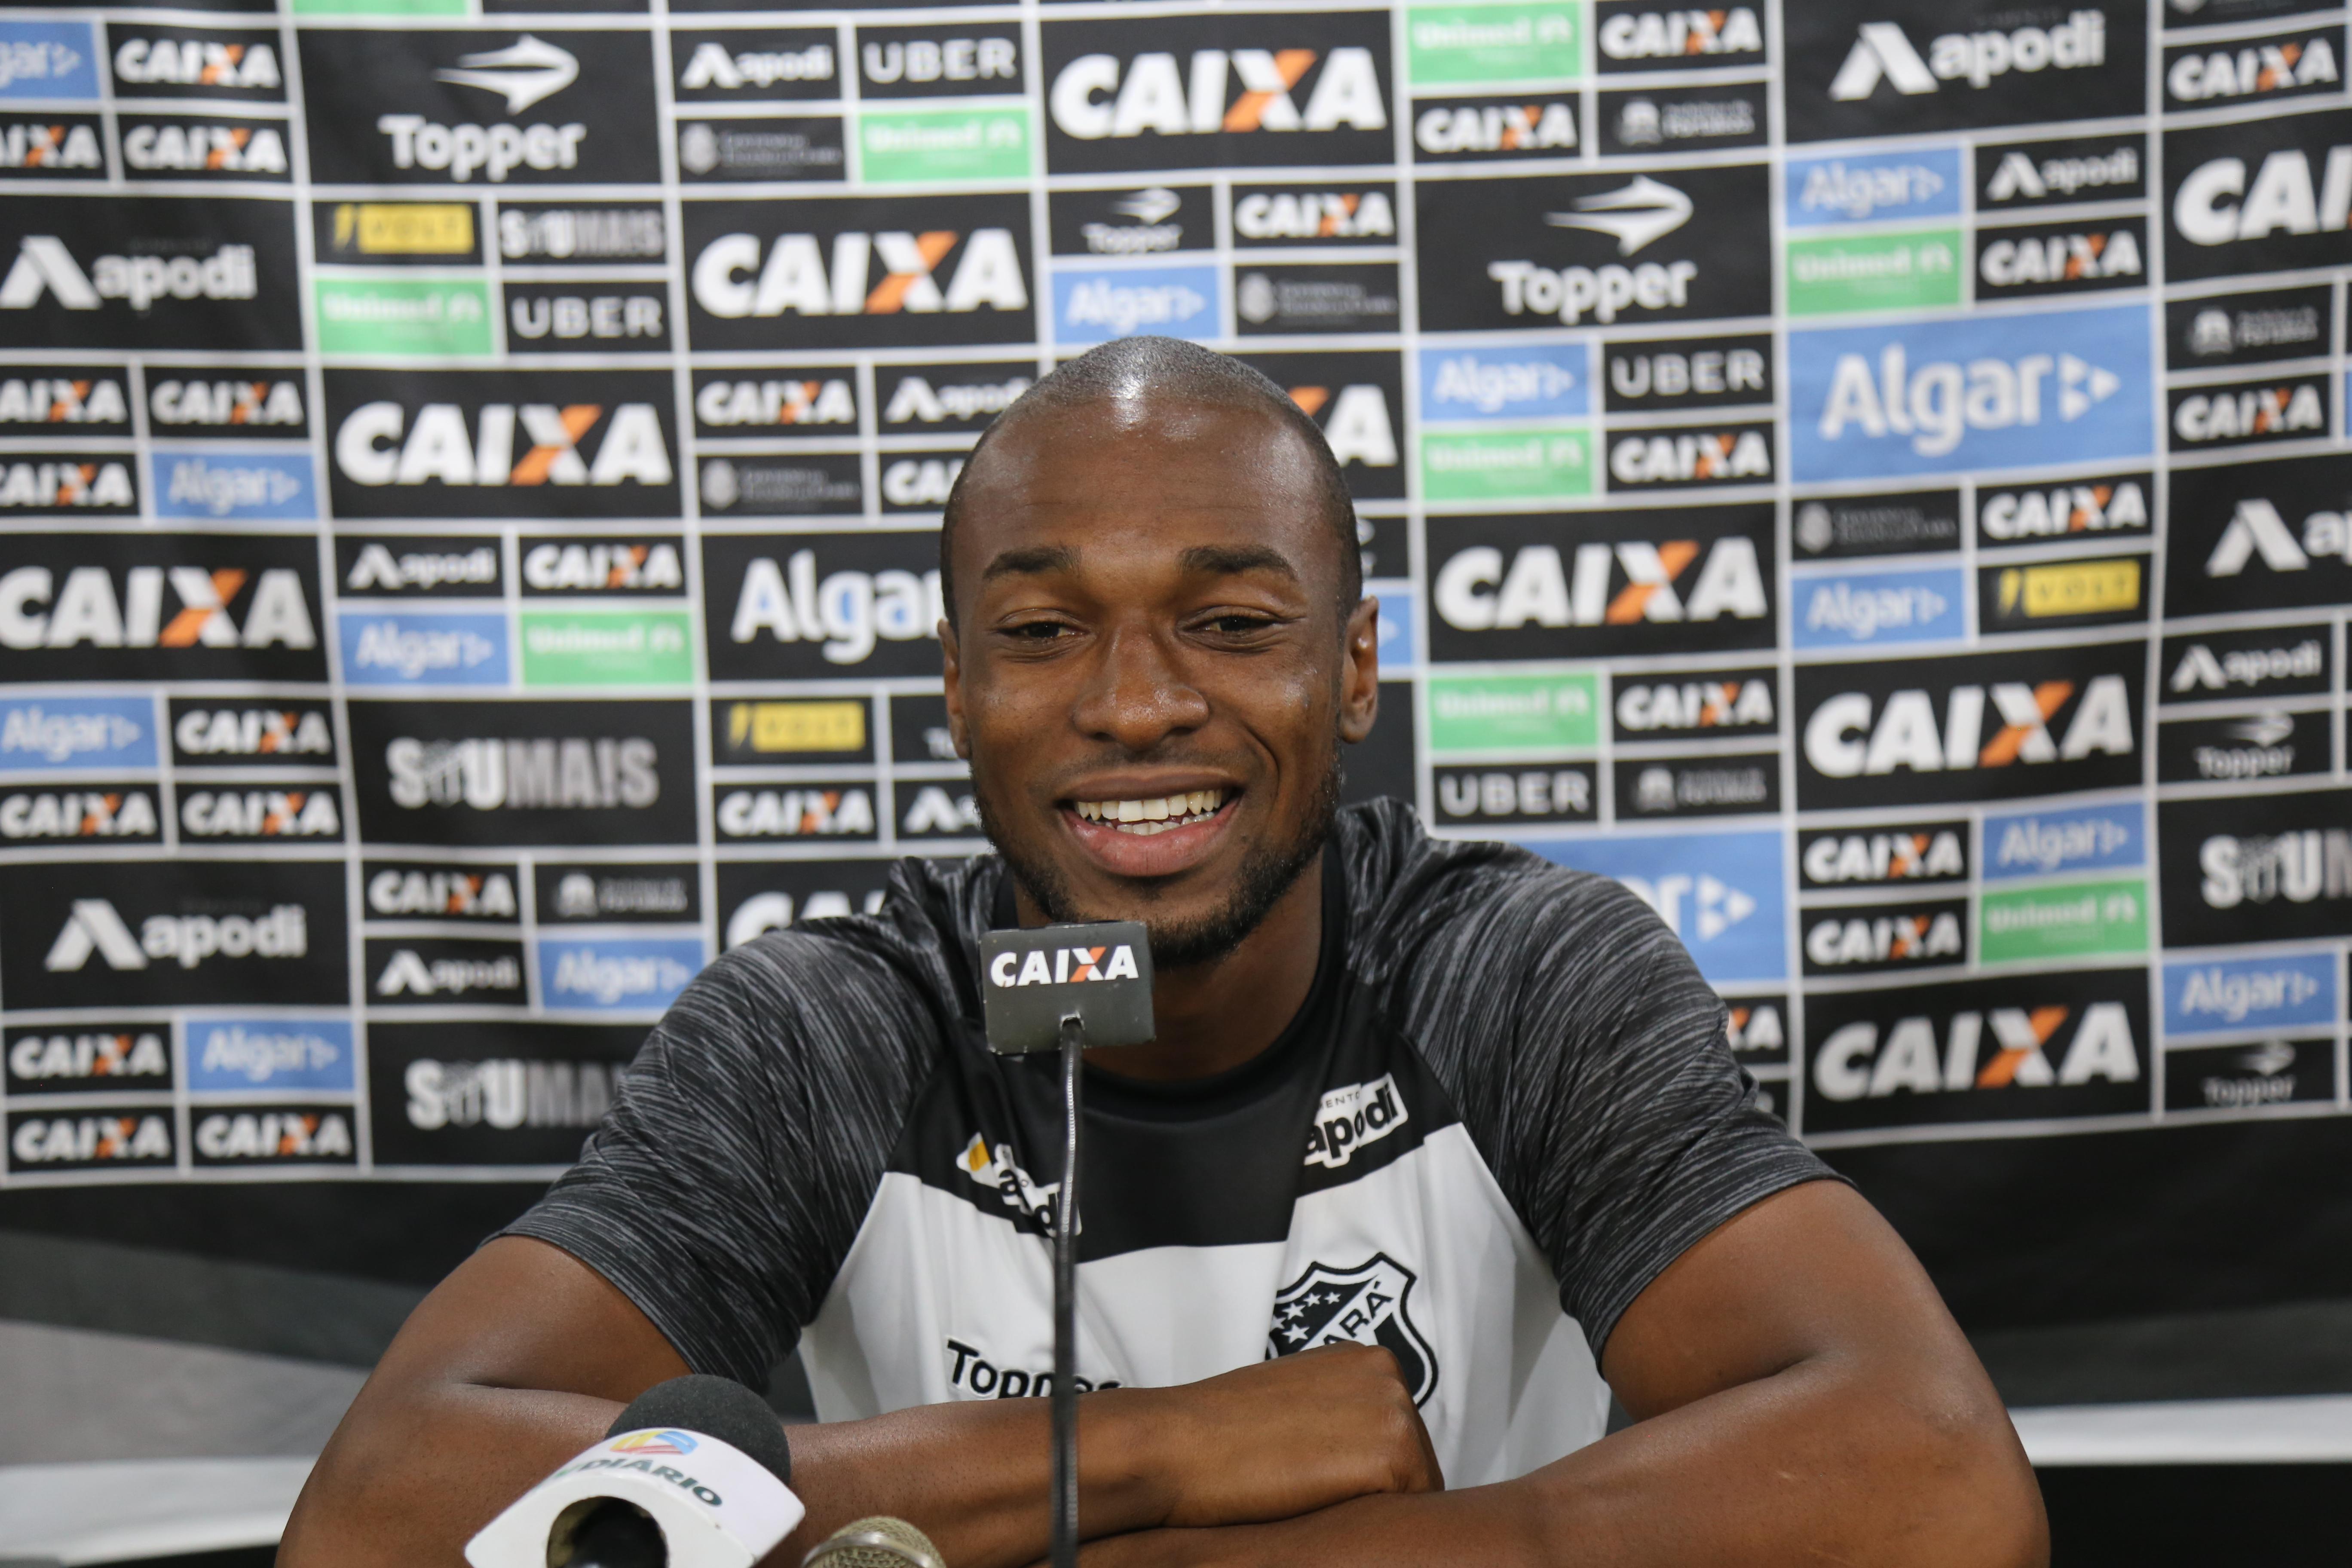 Essa terça-feira, 11/09, foi de reapresentação para o elenco do Ceará. Em coletiva de imprensa, o zagueiro Luiz Otávio comentou sobre a evolução do time e a defesa que vem sofrendo poucos gols.